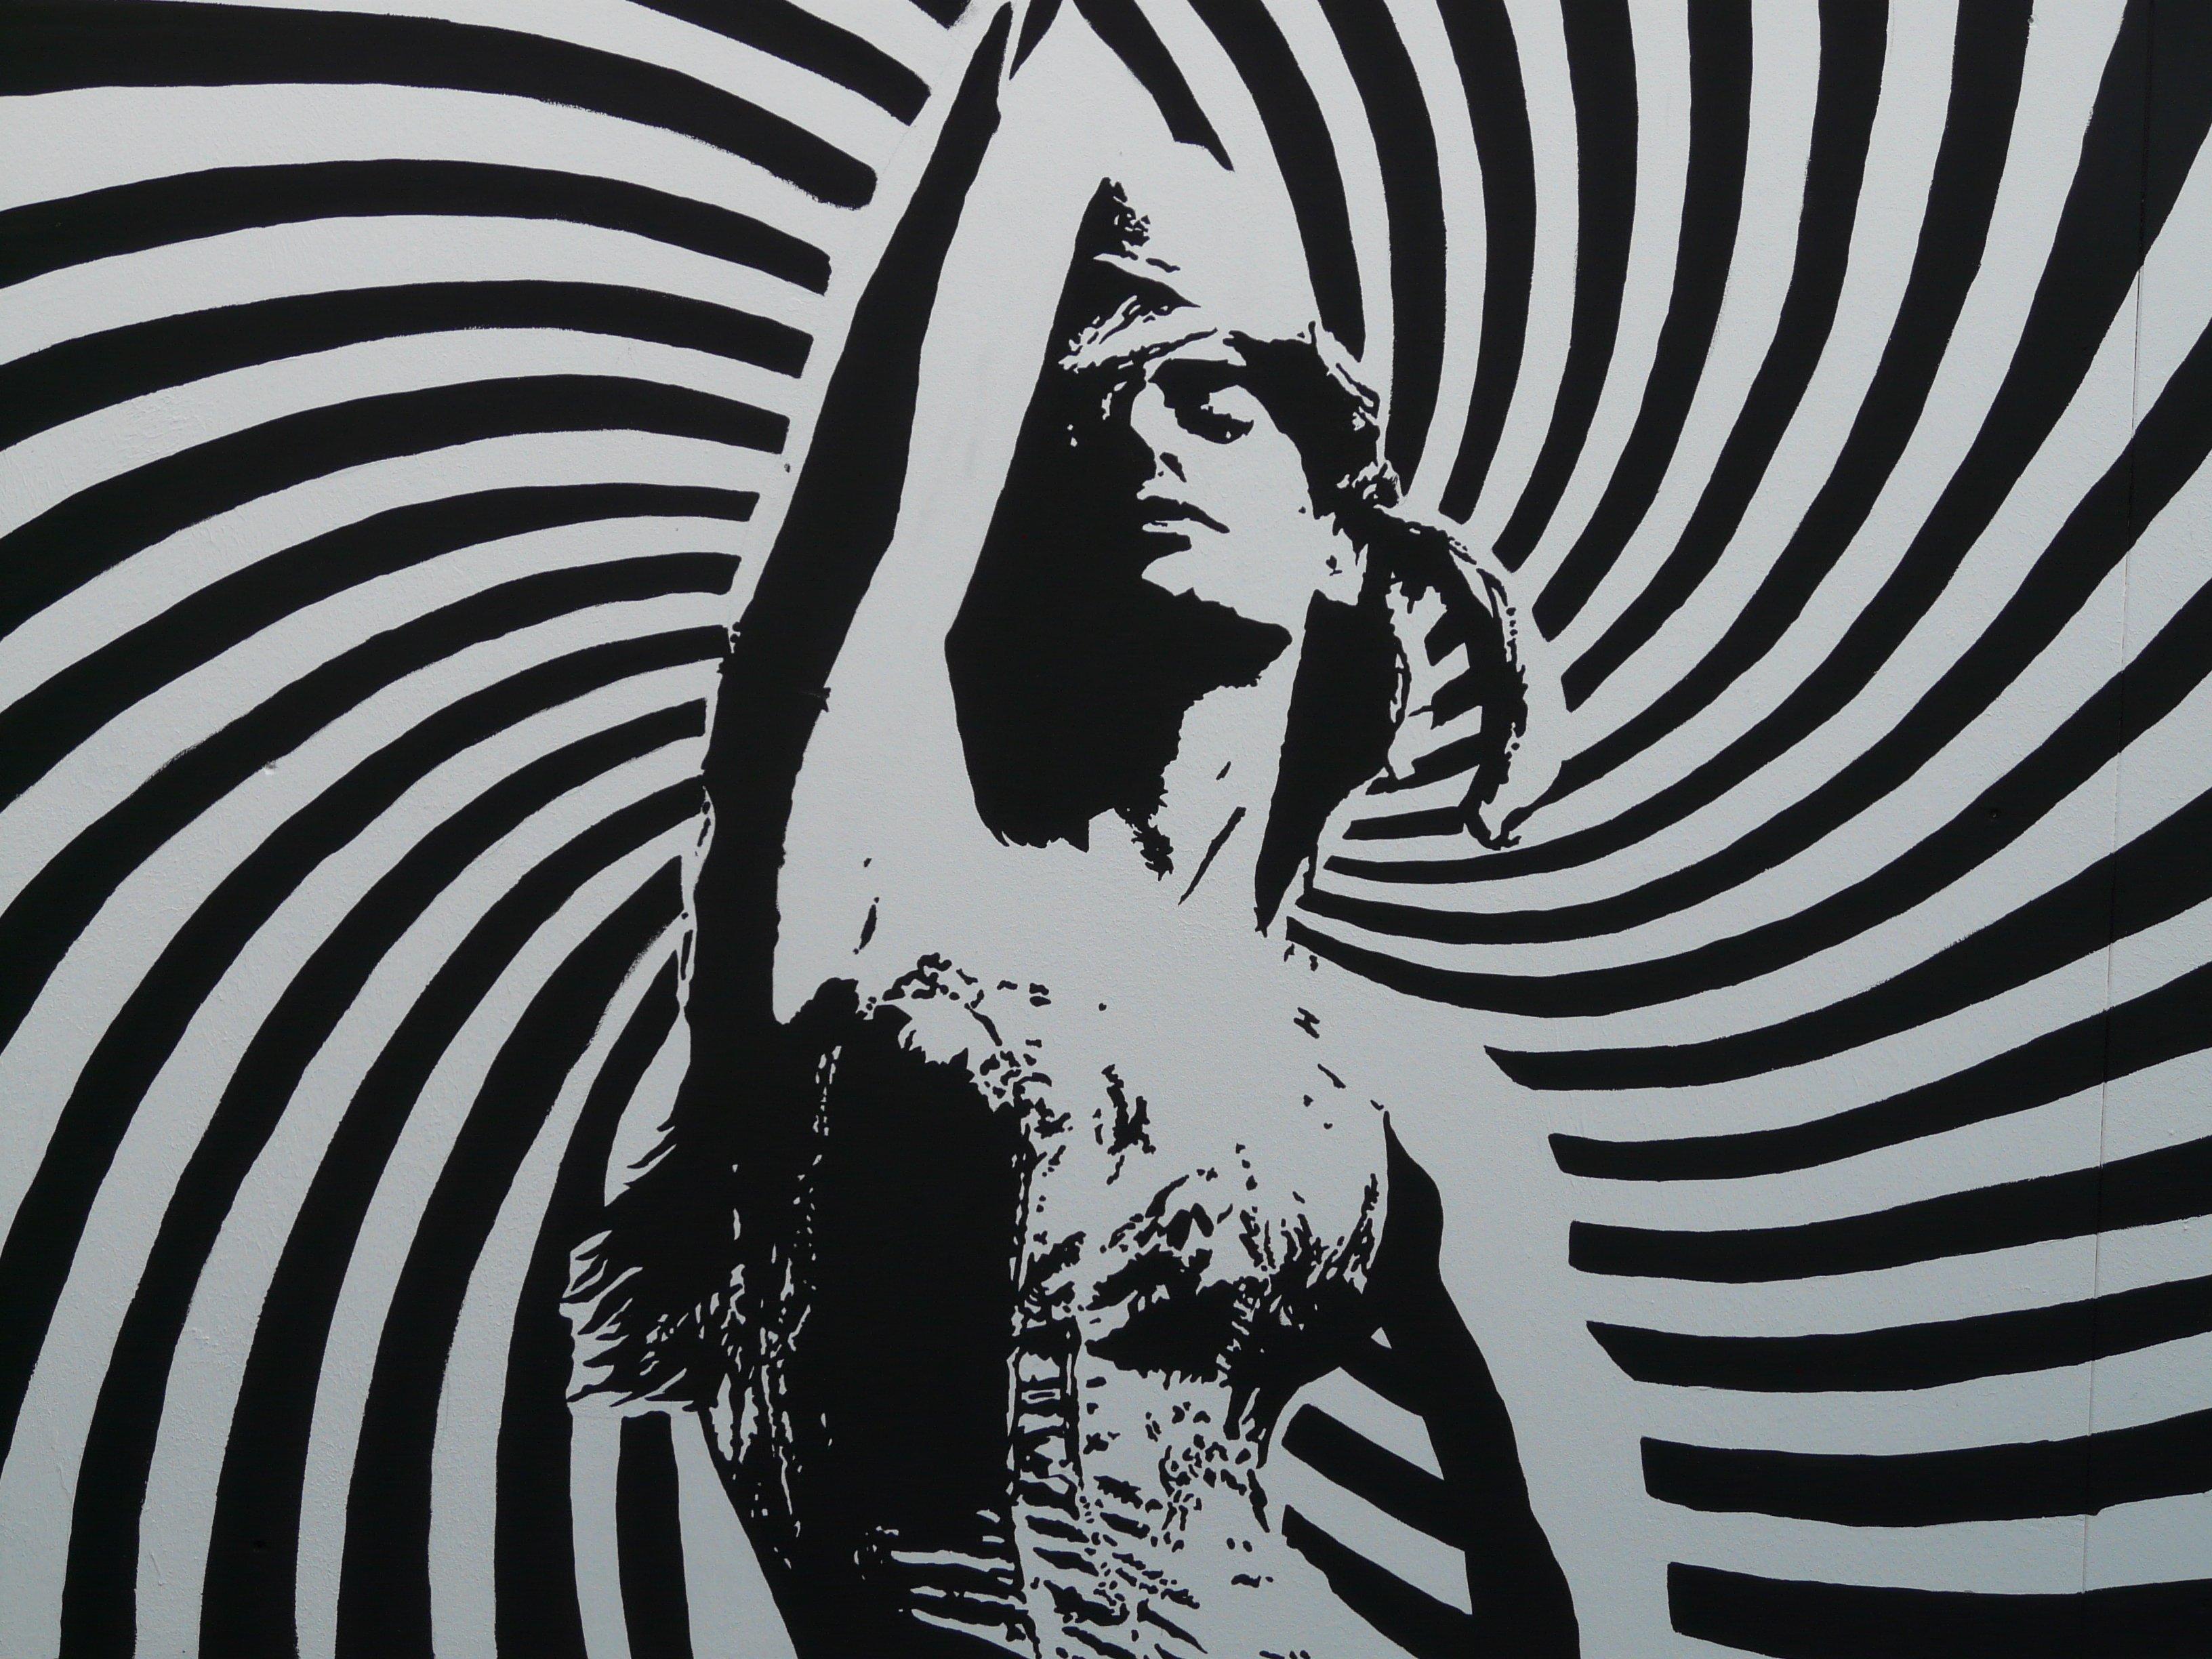 Gambar Orang Hitam Dan Putih Wanita Spiral Garis